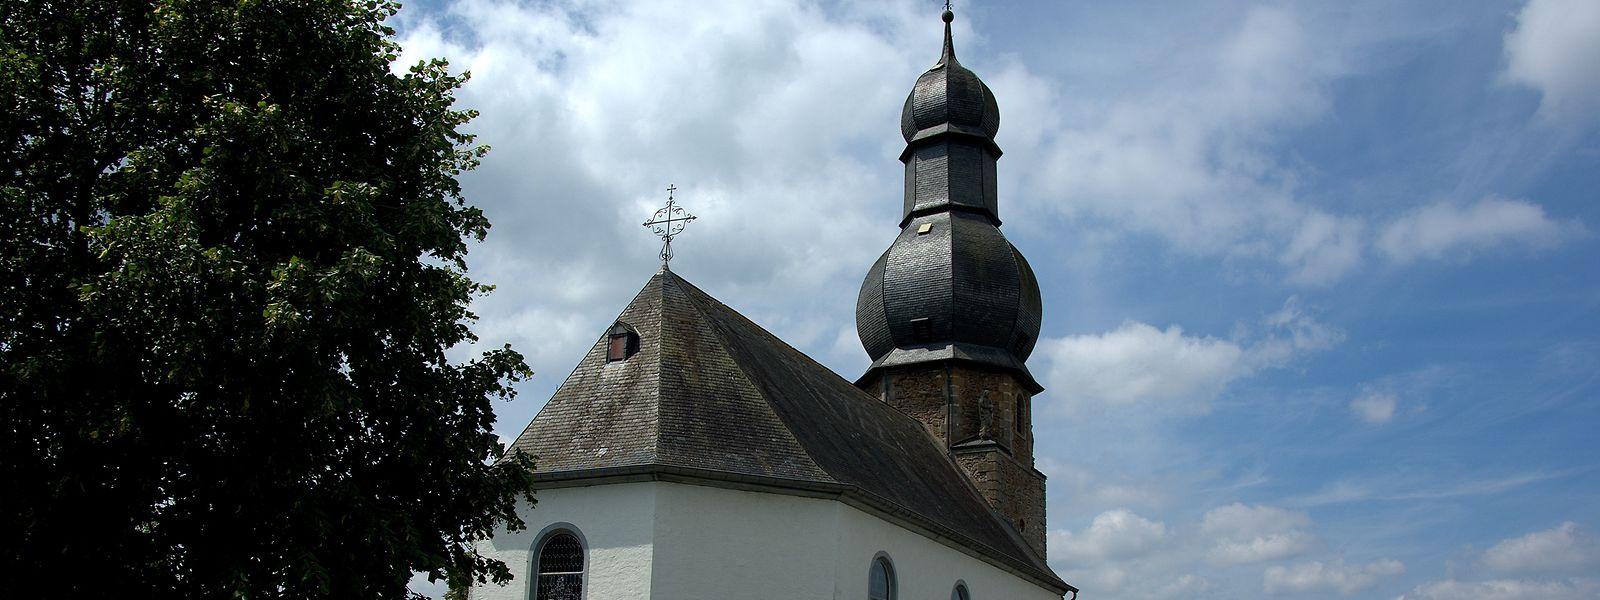 Die Bauarbeiten der Kirche in Weicherdingen begannen im Jahr 1727.